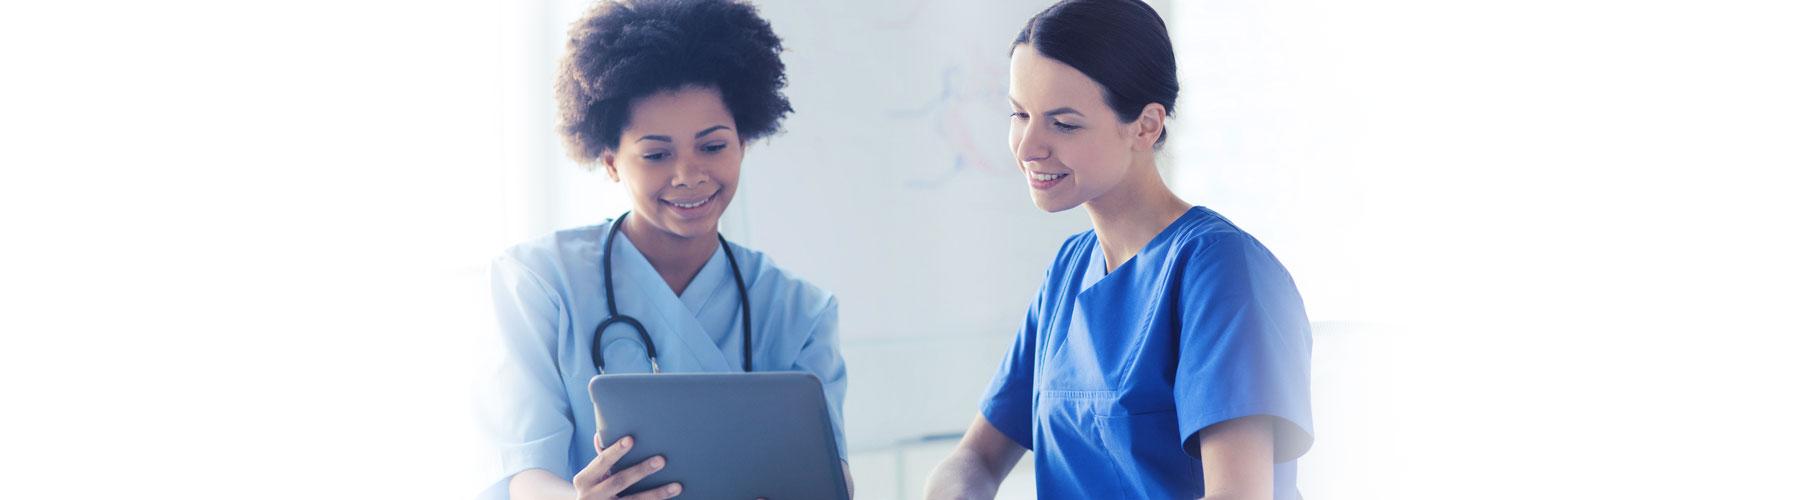 Baremo de méritos de enfermería en el Servicio Murciano de Salud